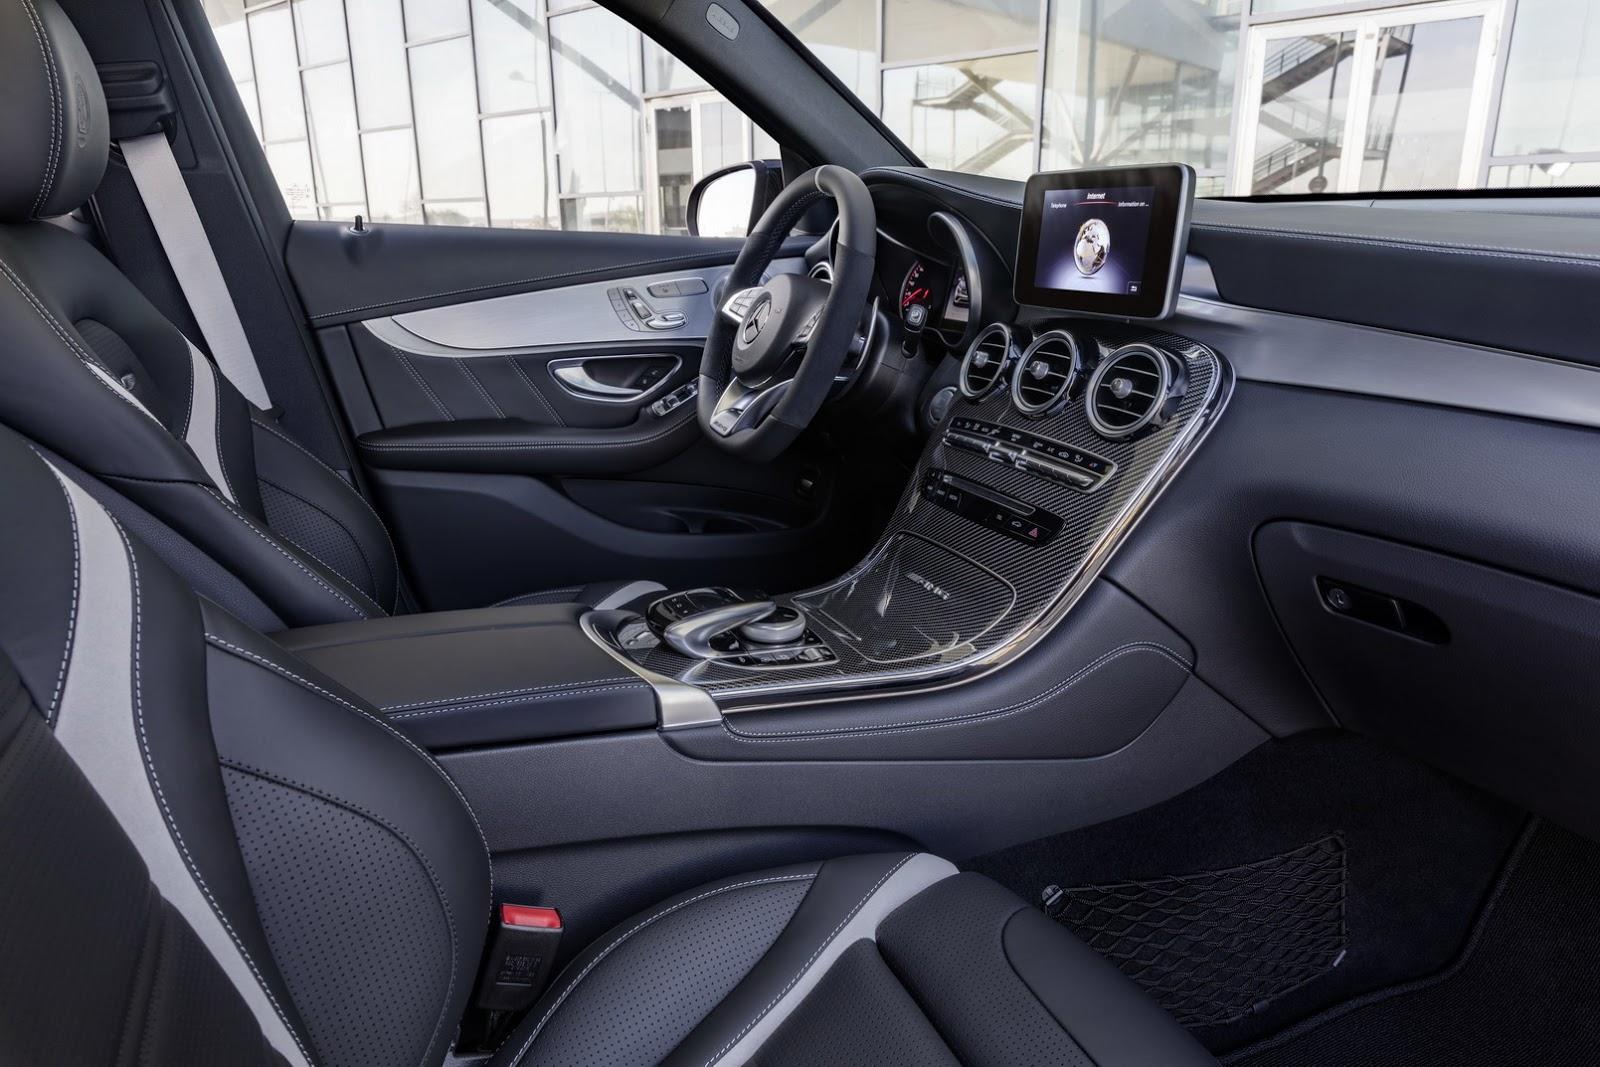 Mercedes-AMG GLC 63 2018 (26)